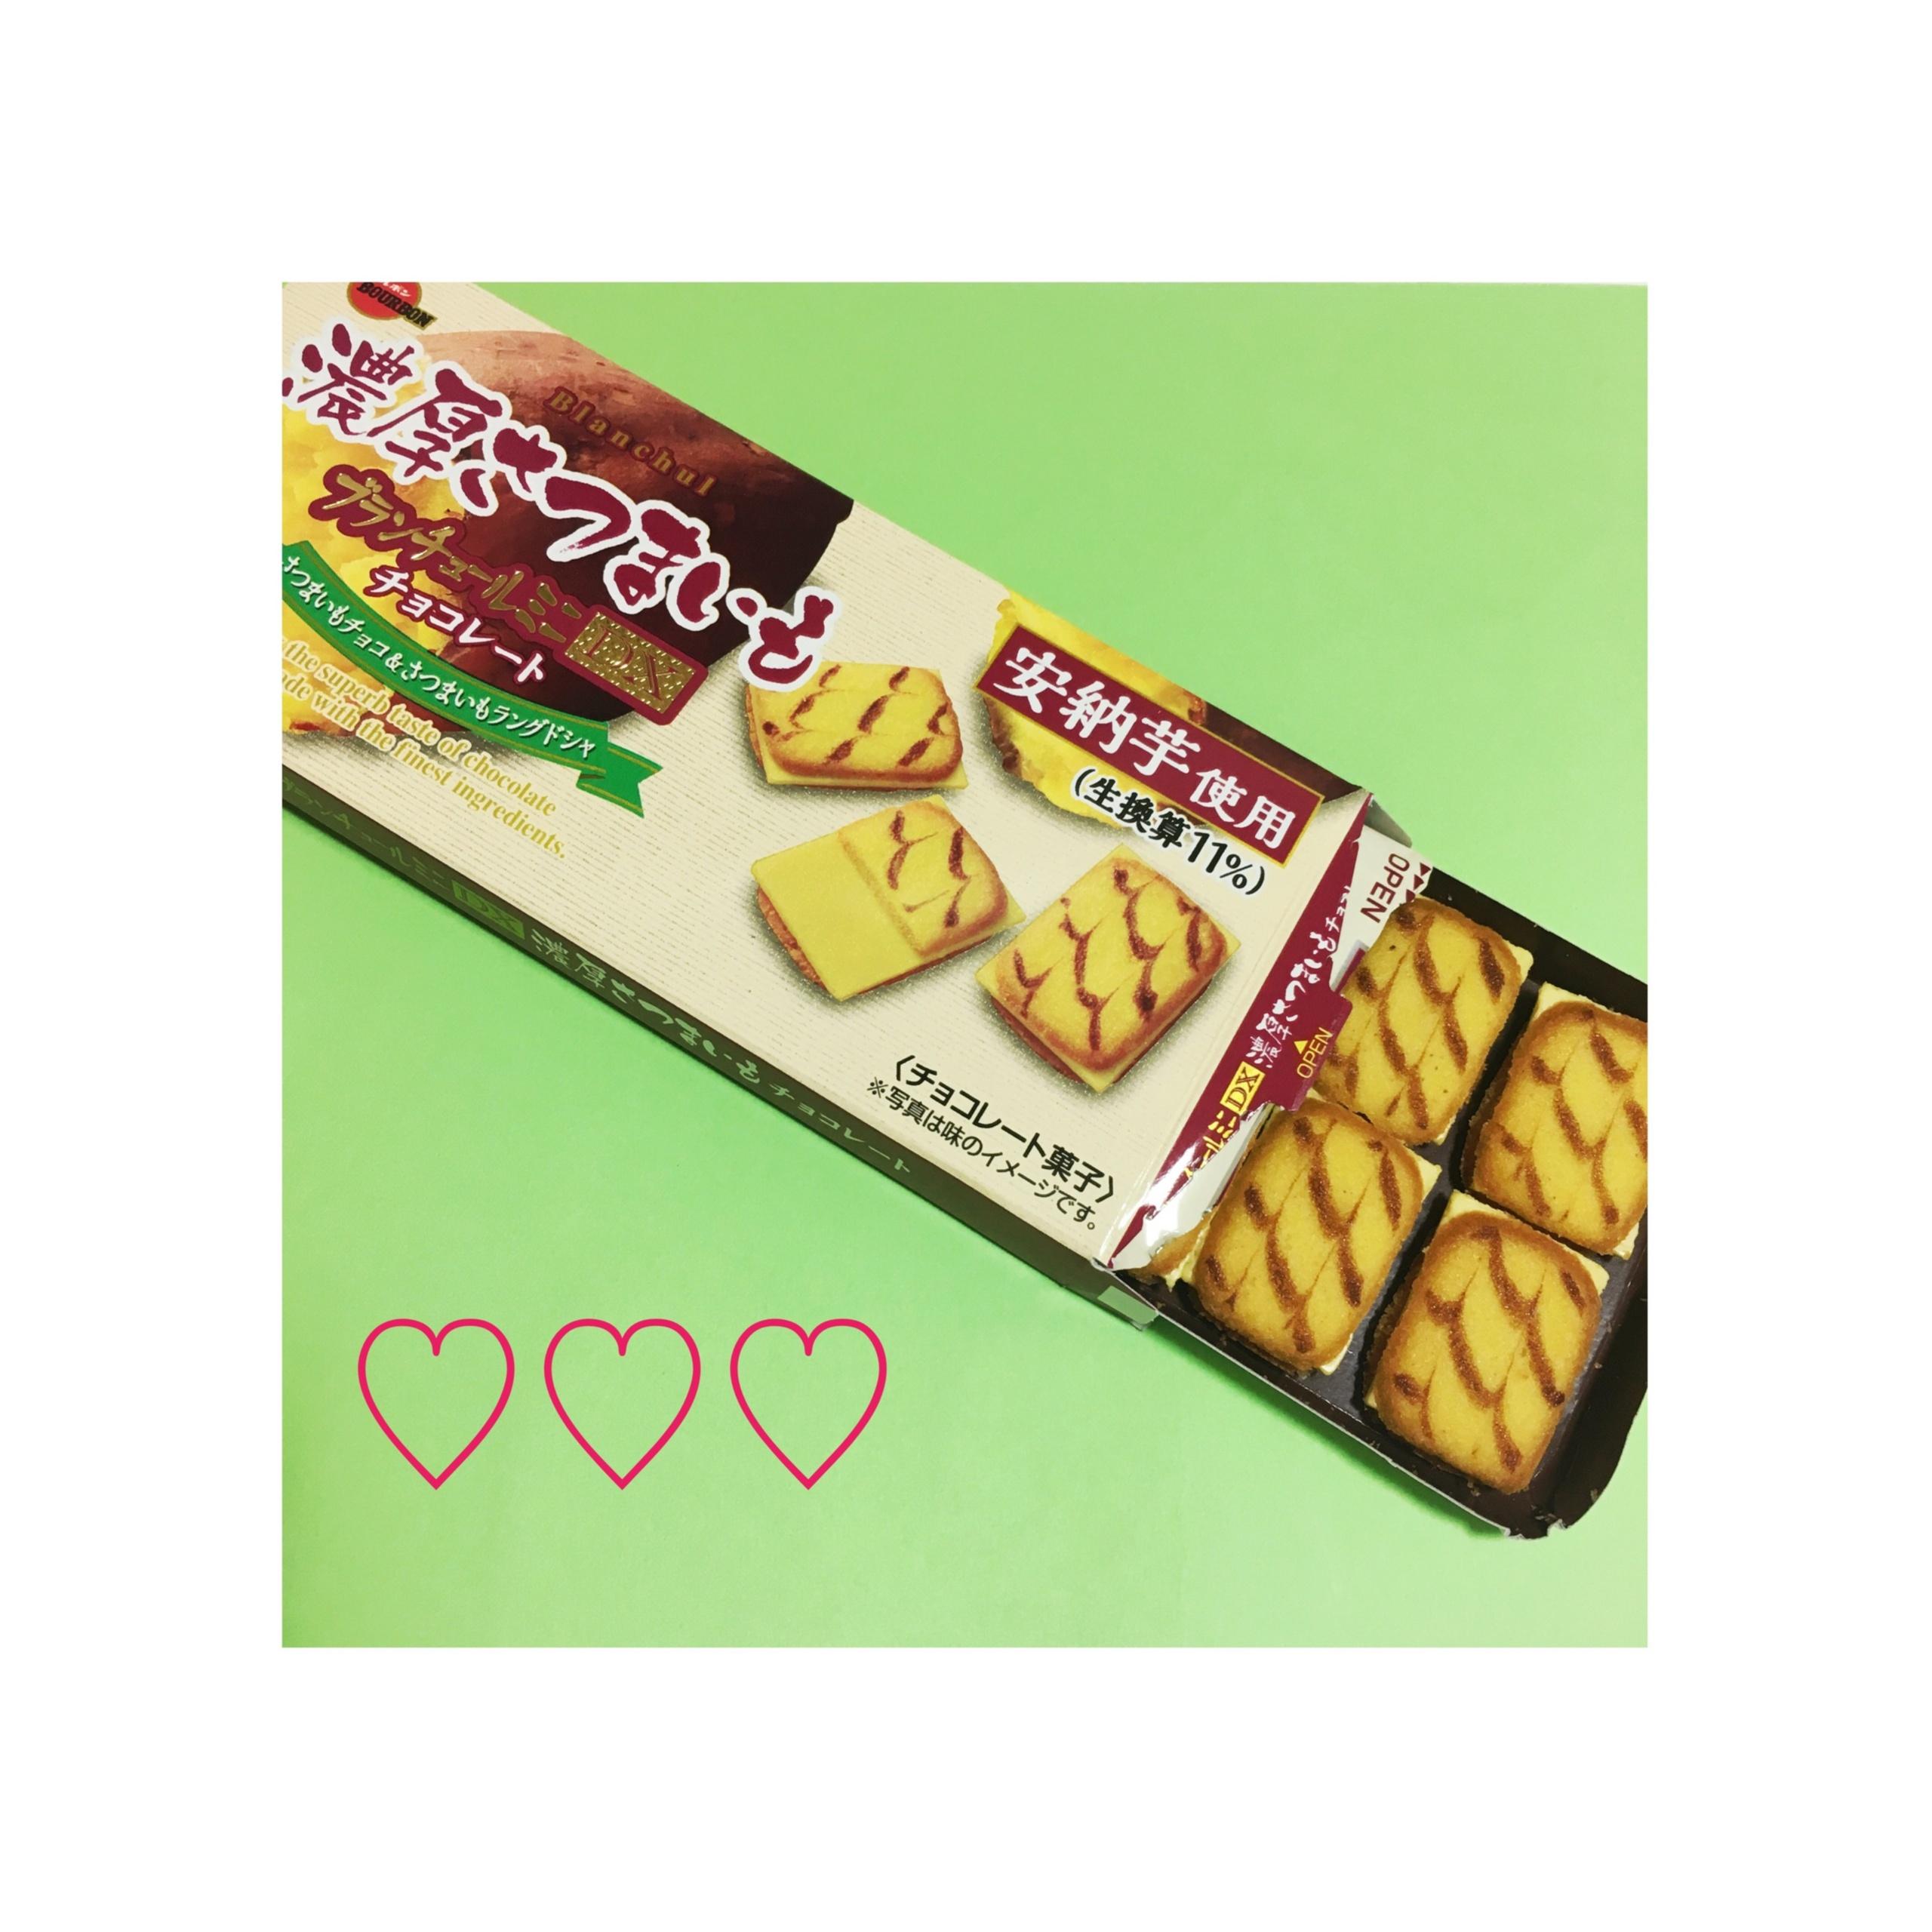 コンビニお菓子も《秋モード❤️》【今週発売】のおすすめお菓子3選★_5